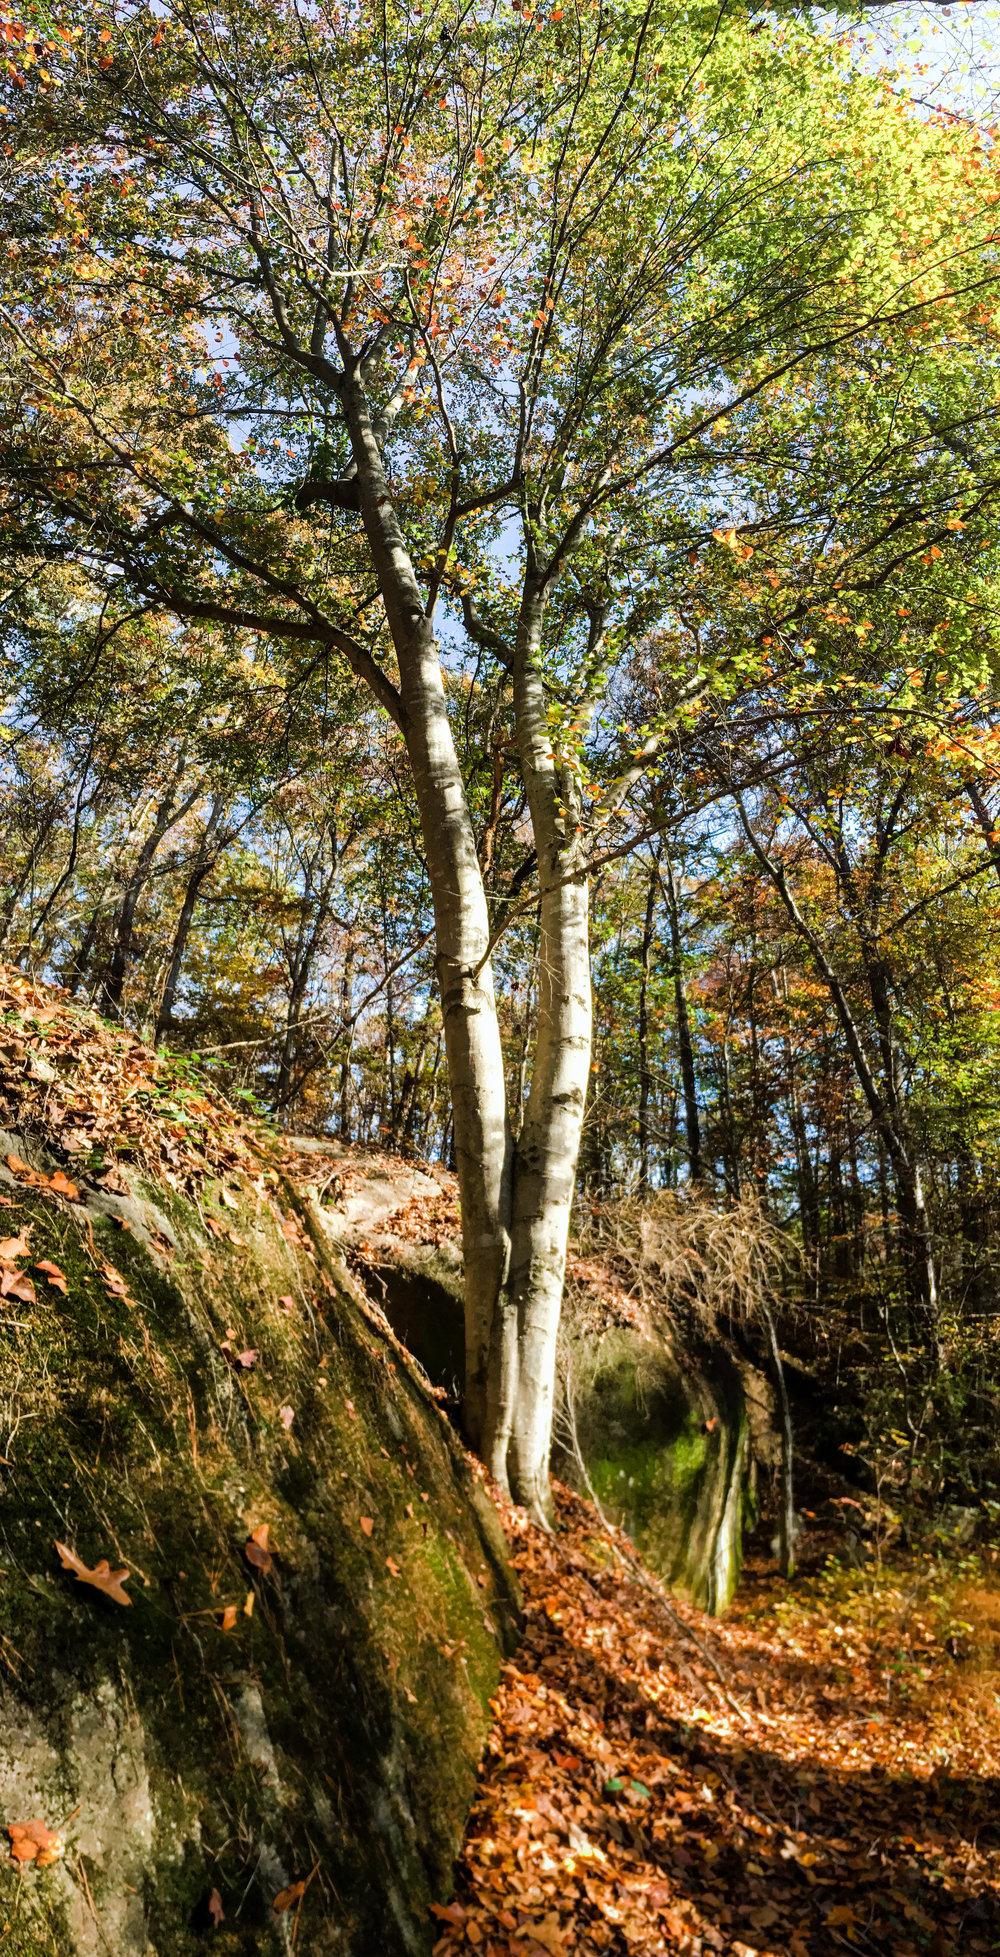 Beech tree, November 11, 2017